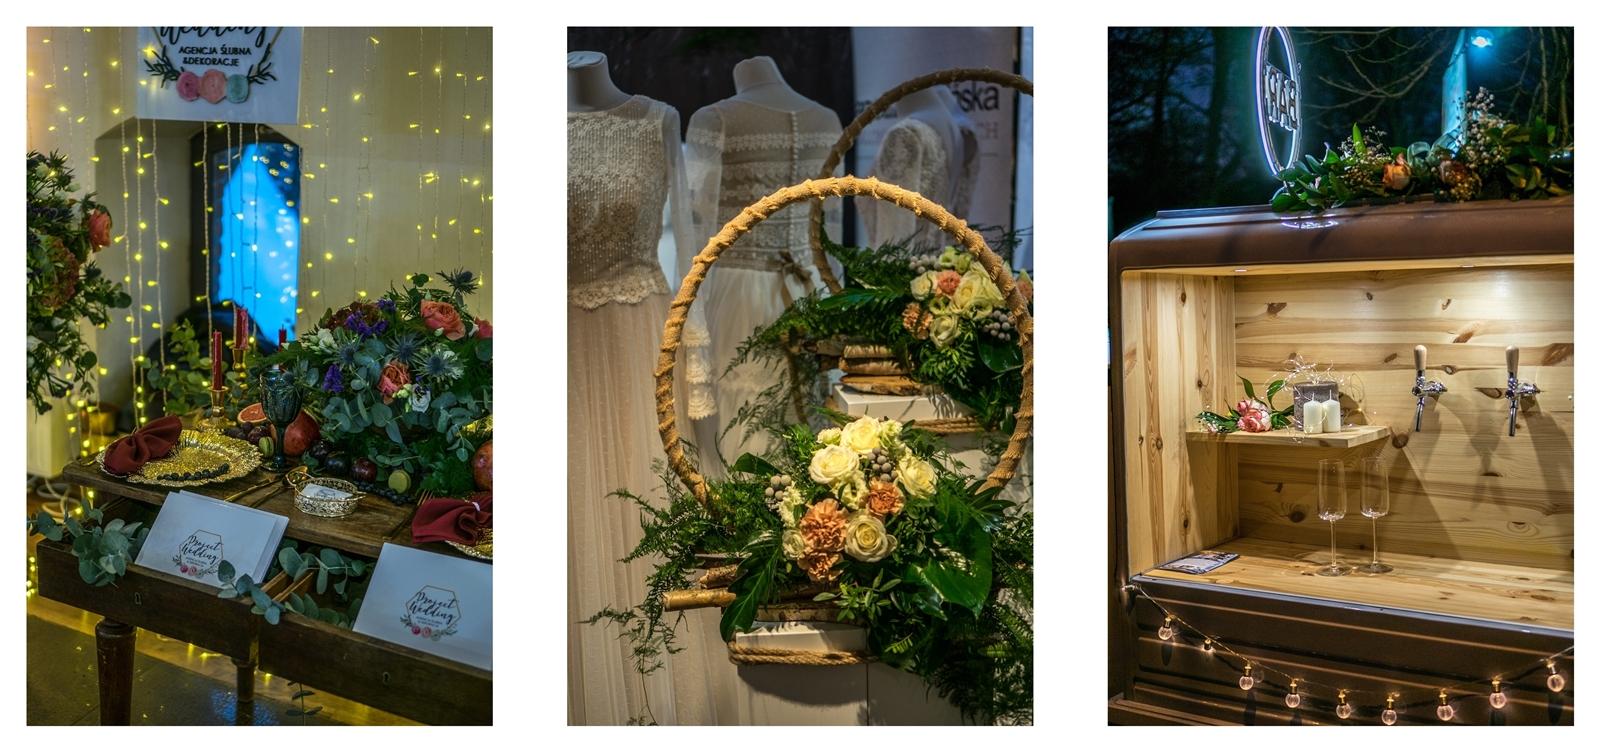 9 OFF WEDDING - Alternatywne Targi ślubne papeteria. biżuteria ślubna, dodatki ślubne, boho dekoracje , kwiaty na ślub i wesele, warszawa, łódź, romantczne, naturalne, nietypowe papeterie ślubne